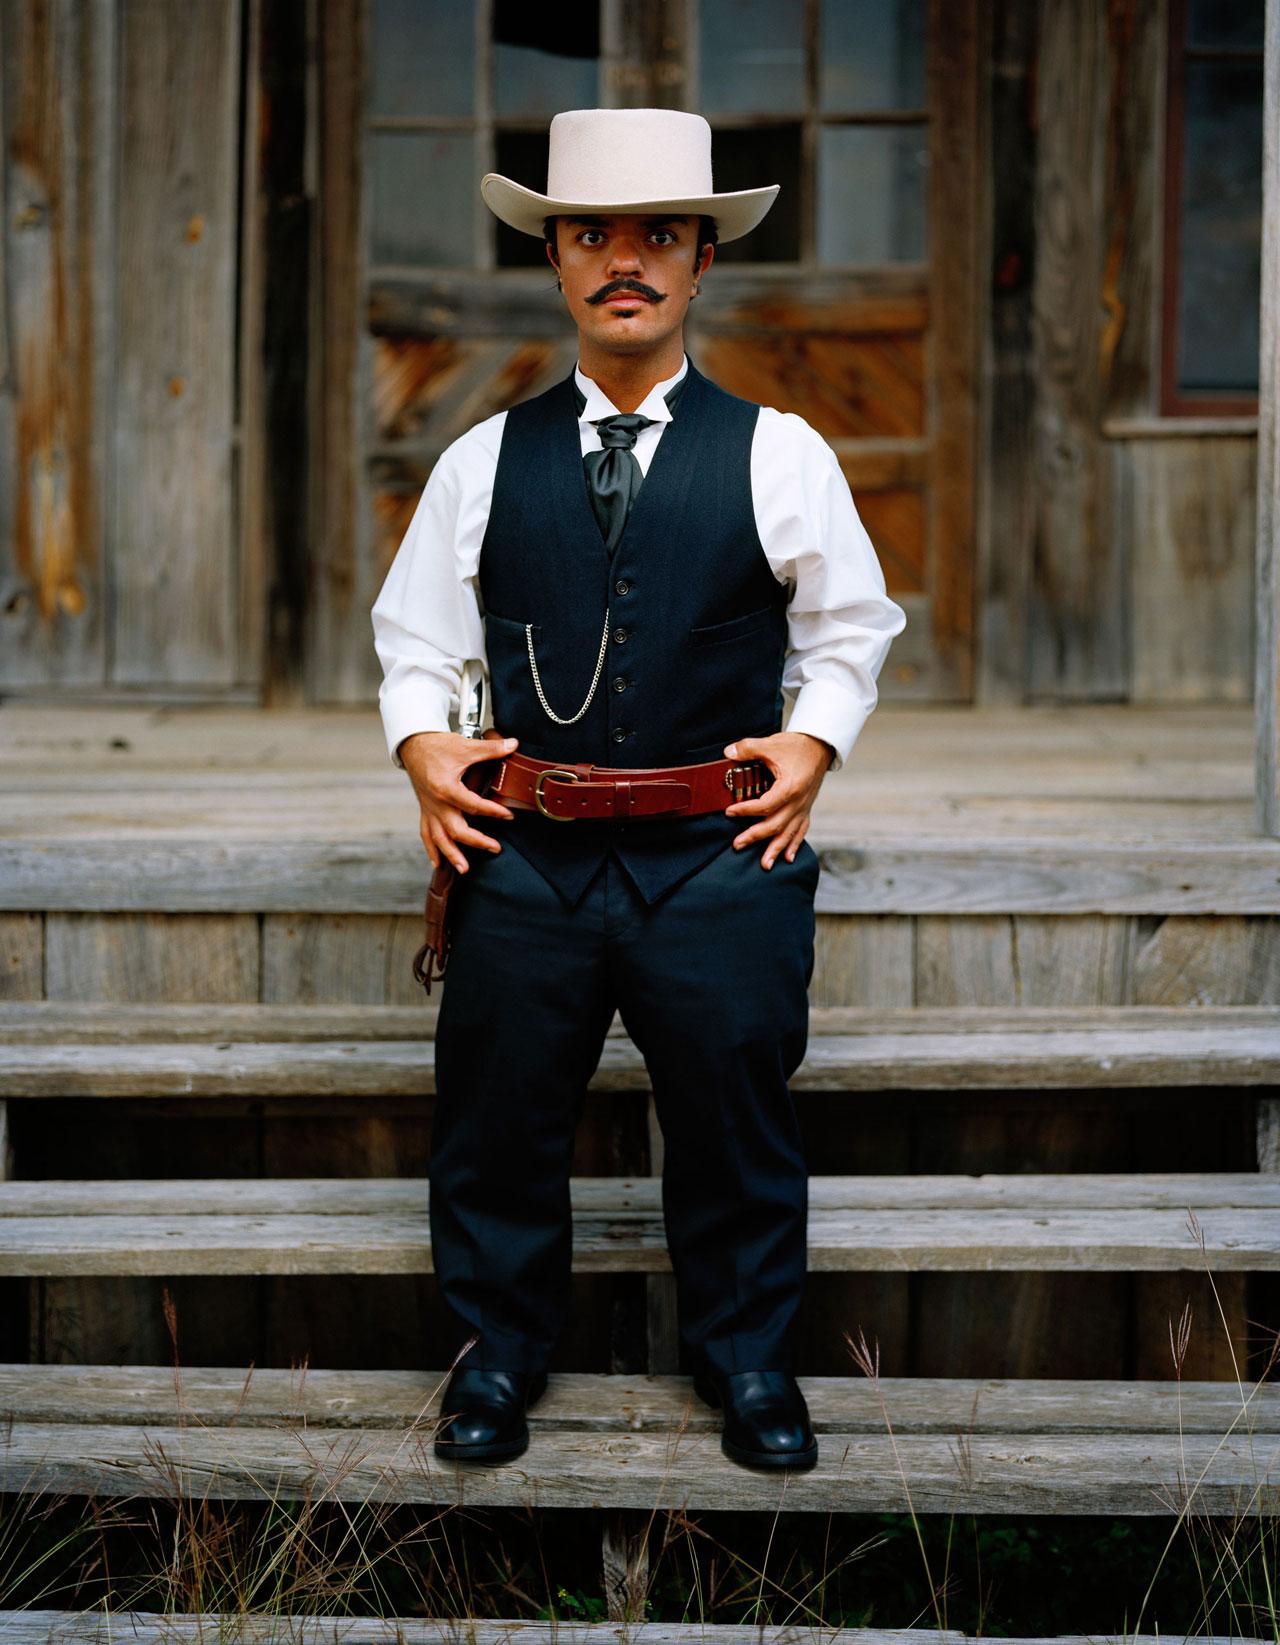 santiago-forero-rancher-action-heroes.jpg